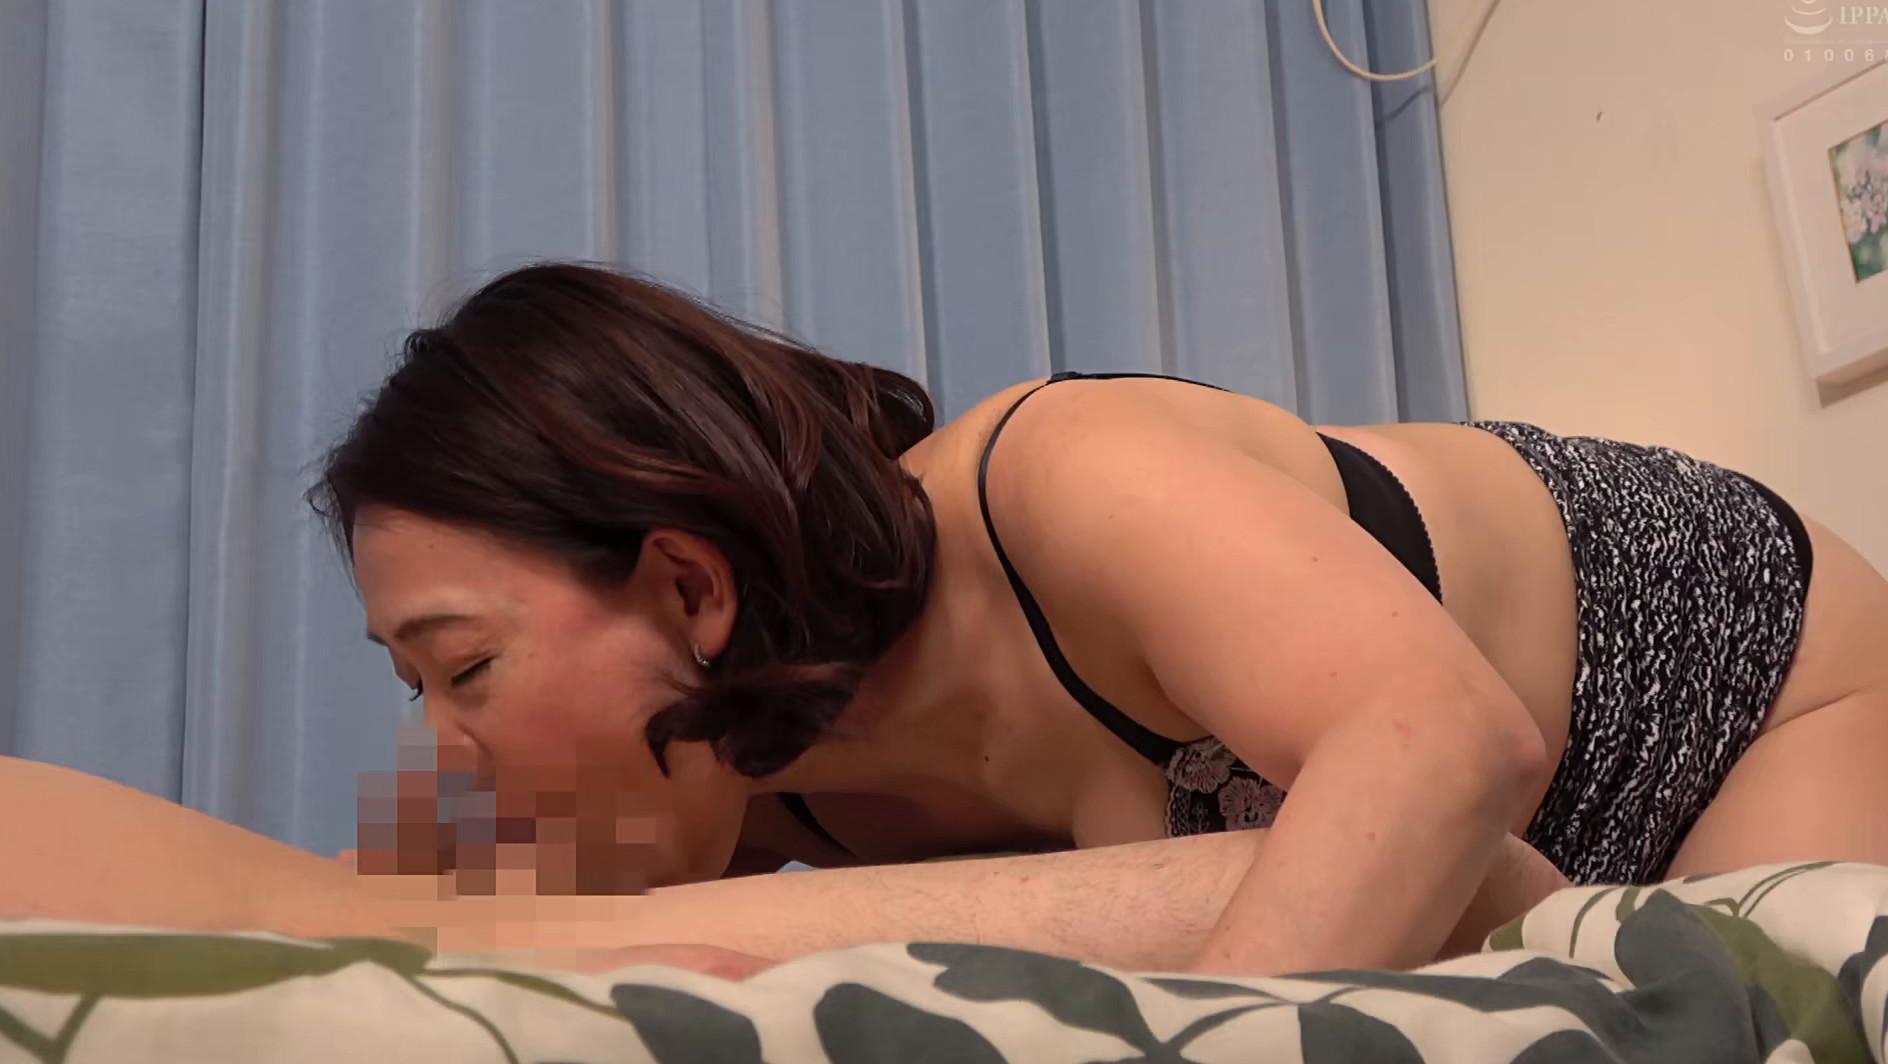 飲み屋でナンパした美熟女を部屋に連れ込み生ハメSEX 180分 画像10